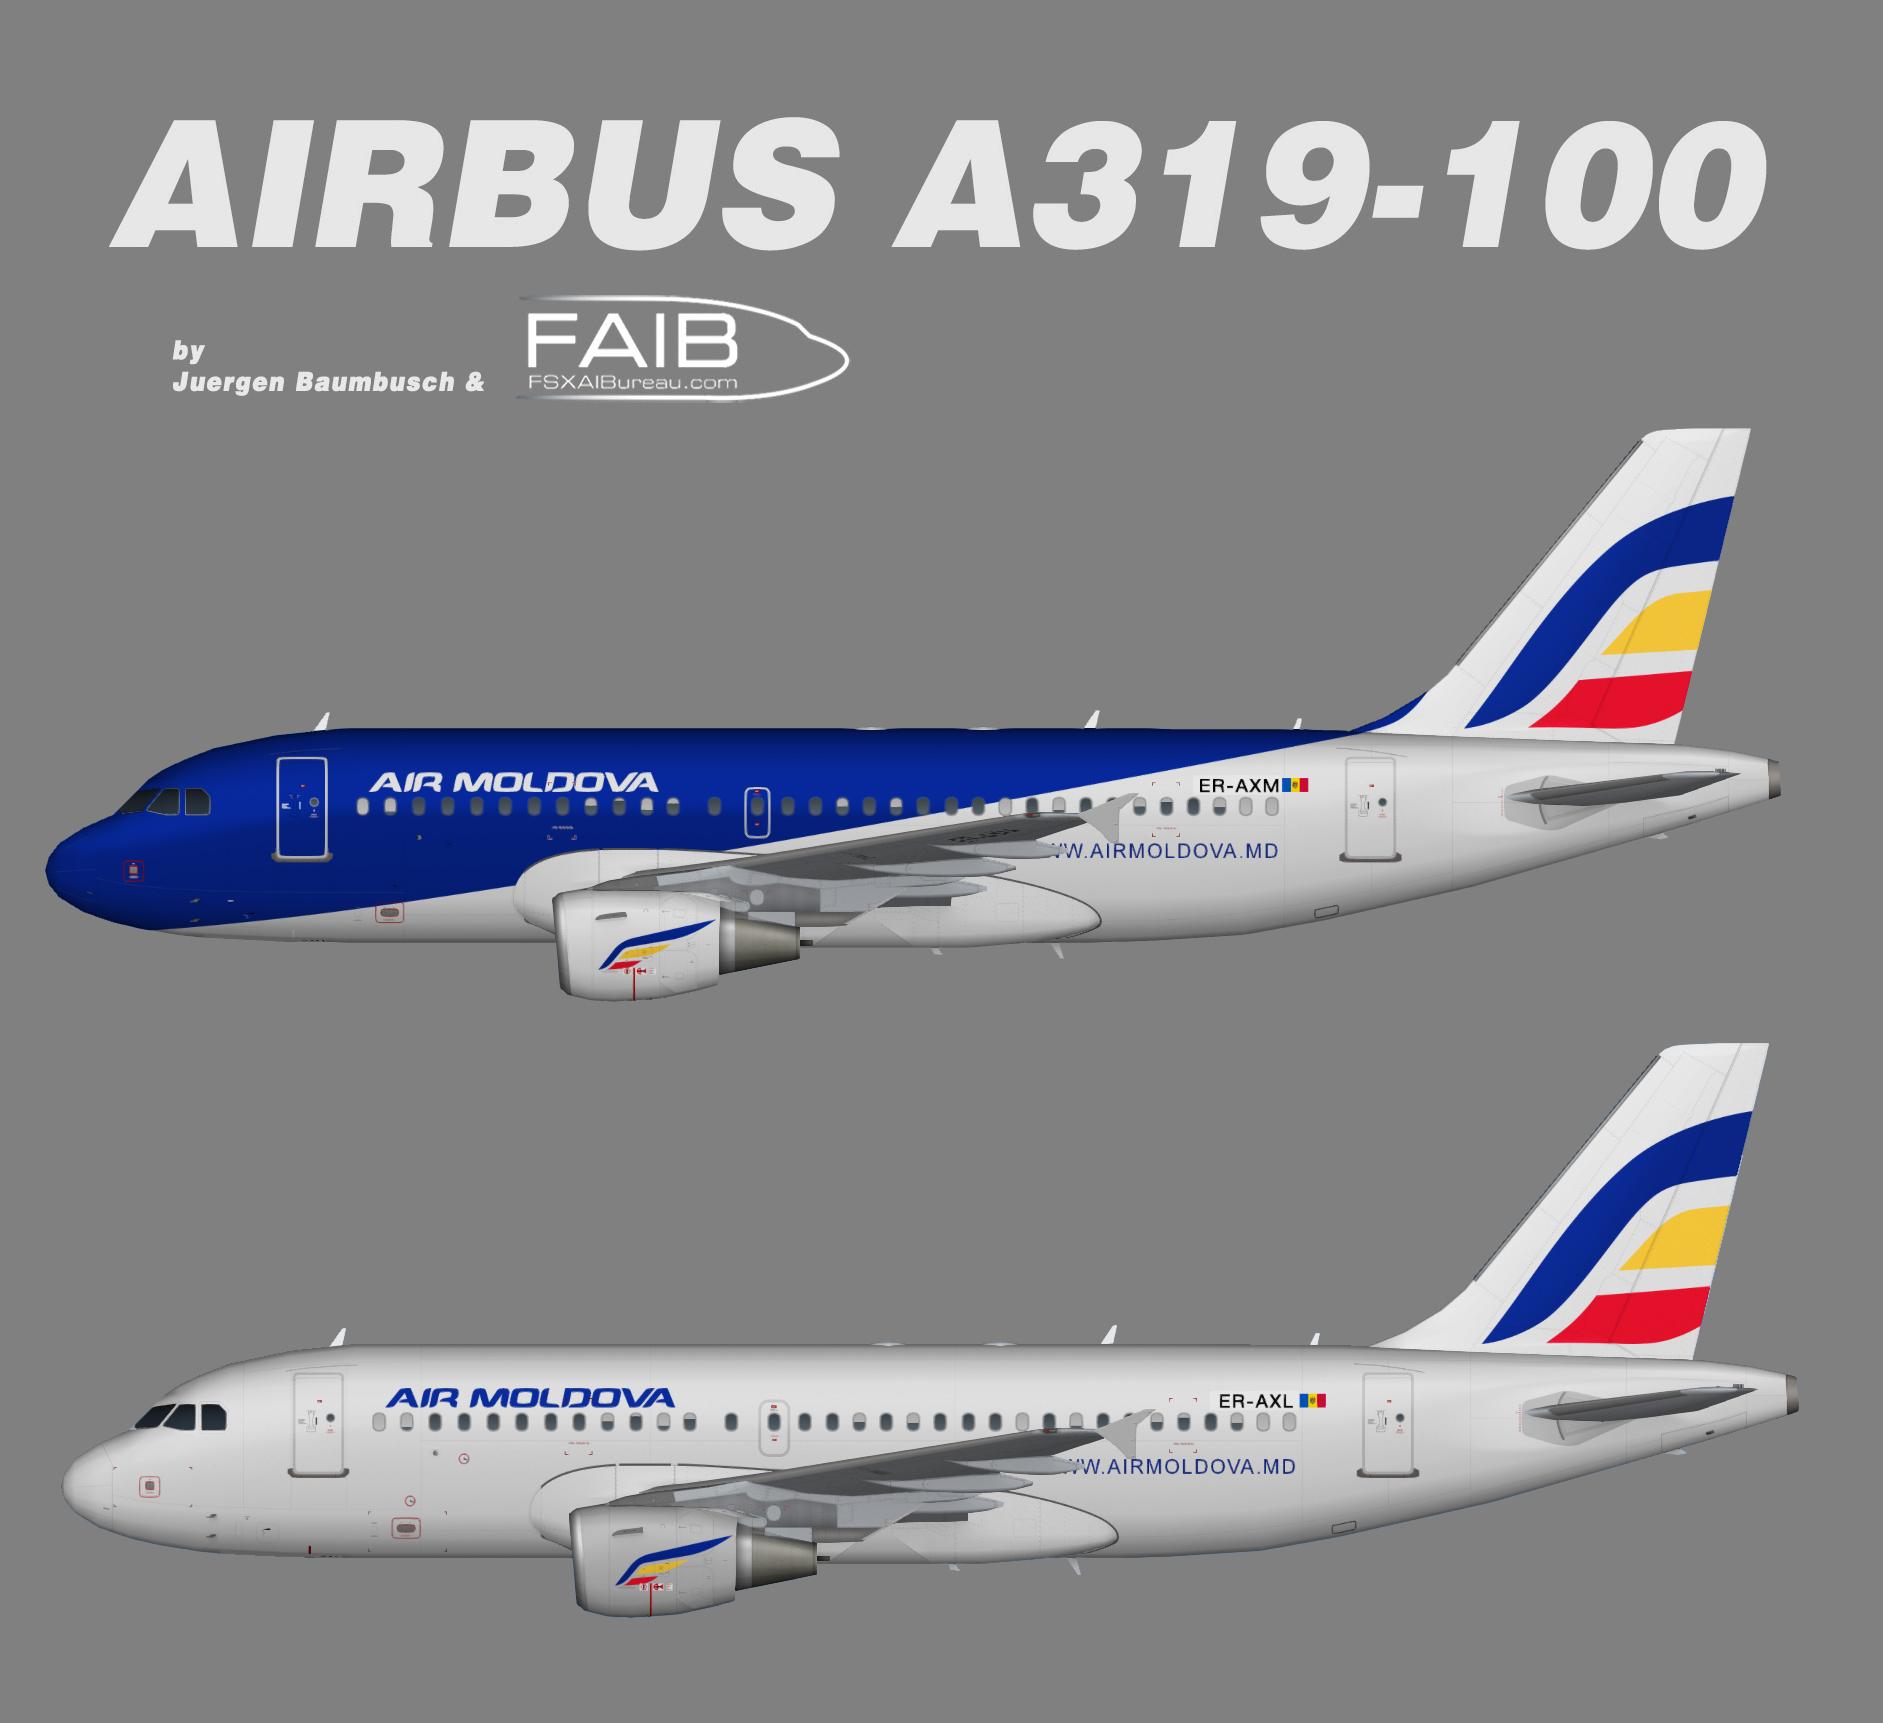 Air Moldova A319-100